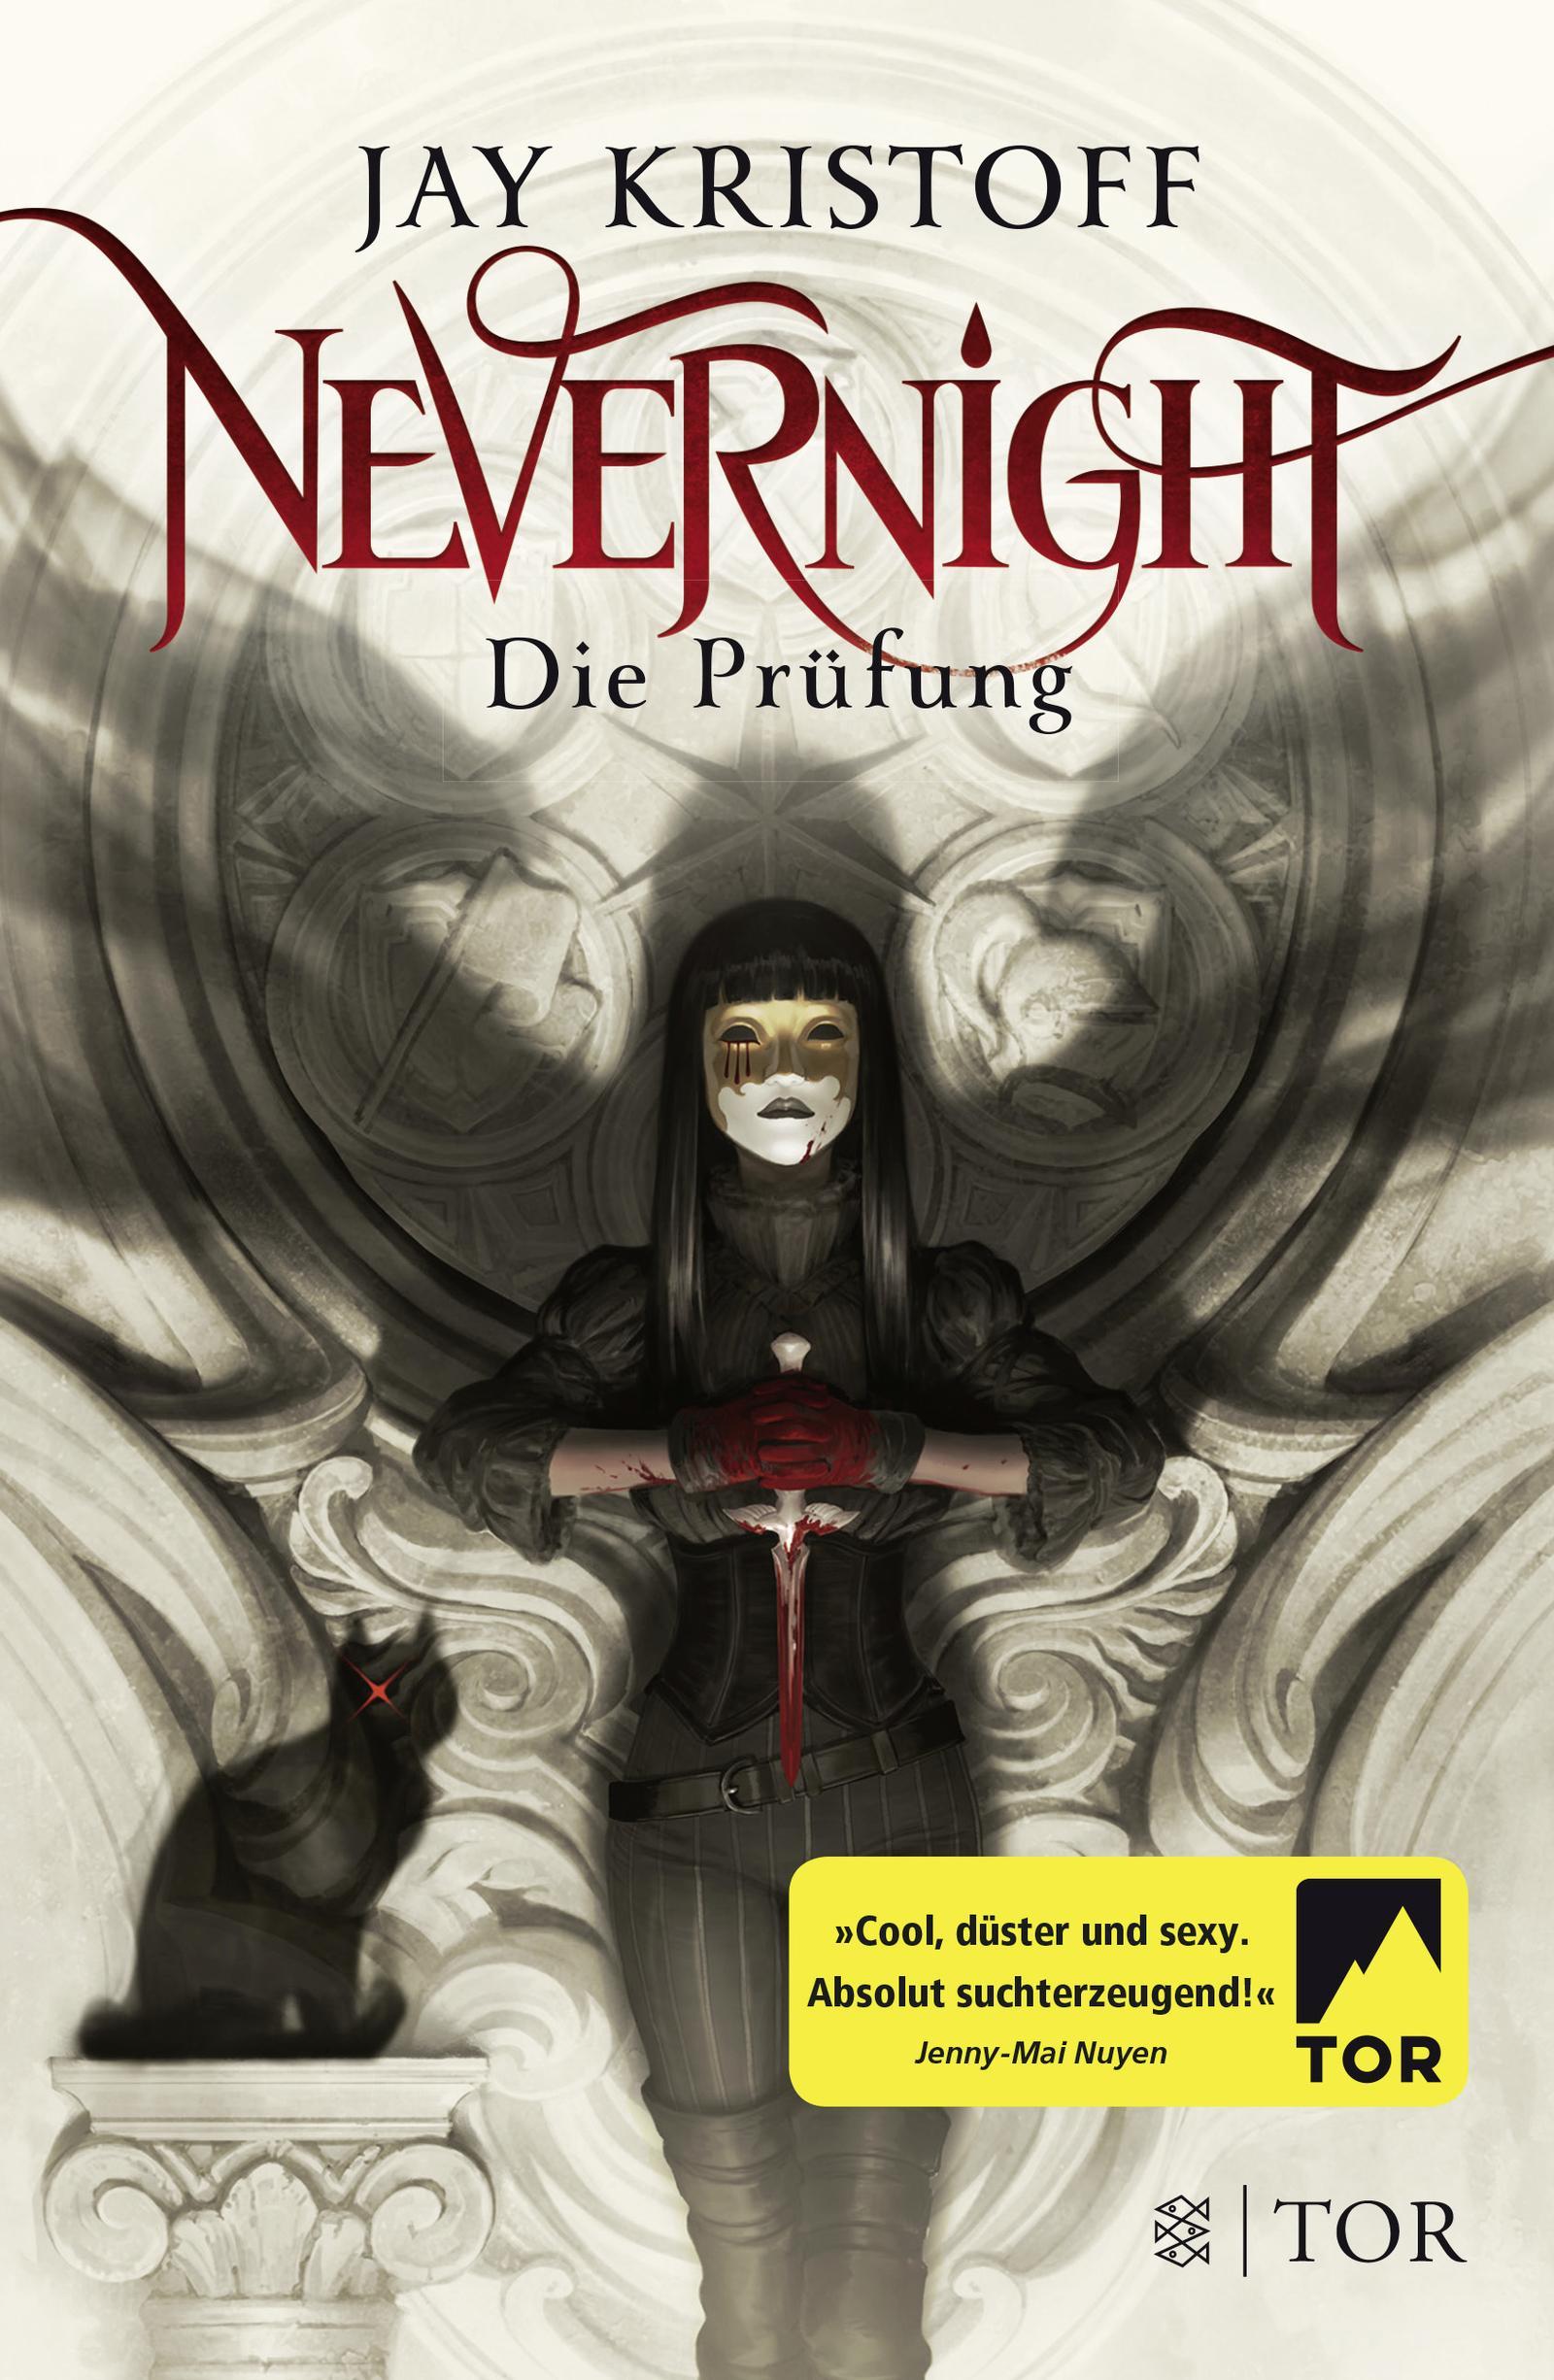 Jay Kristoff Nevernight 01 - Die Prüfung